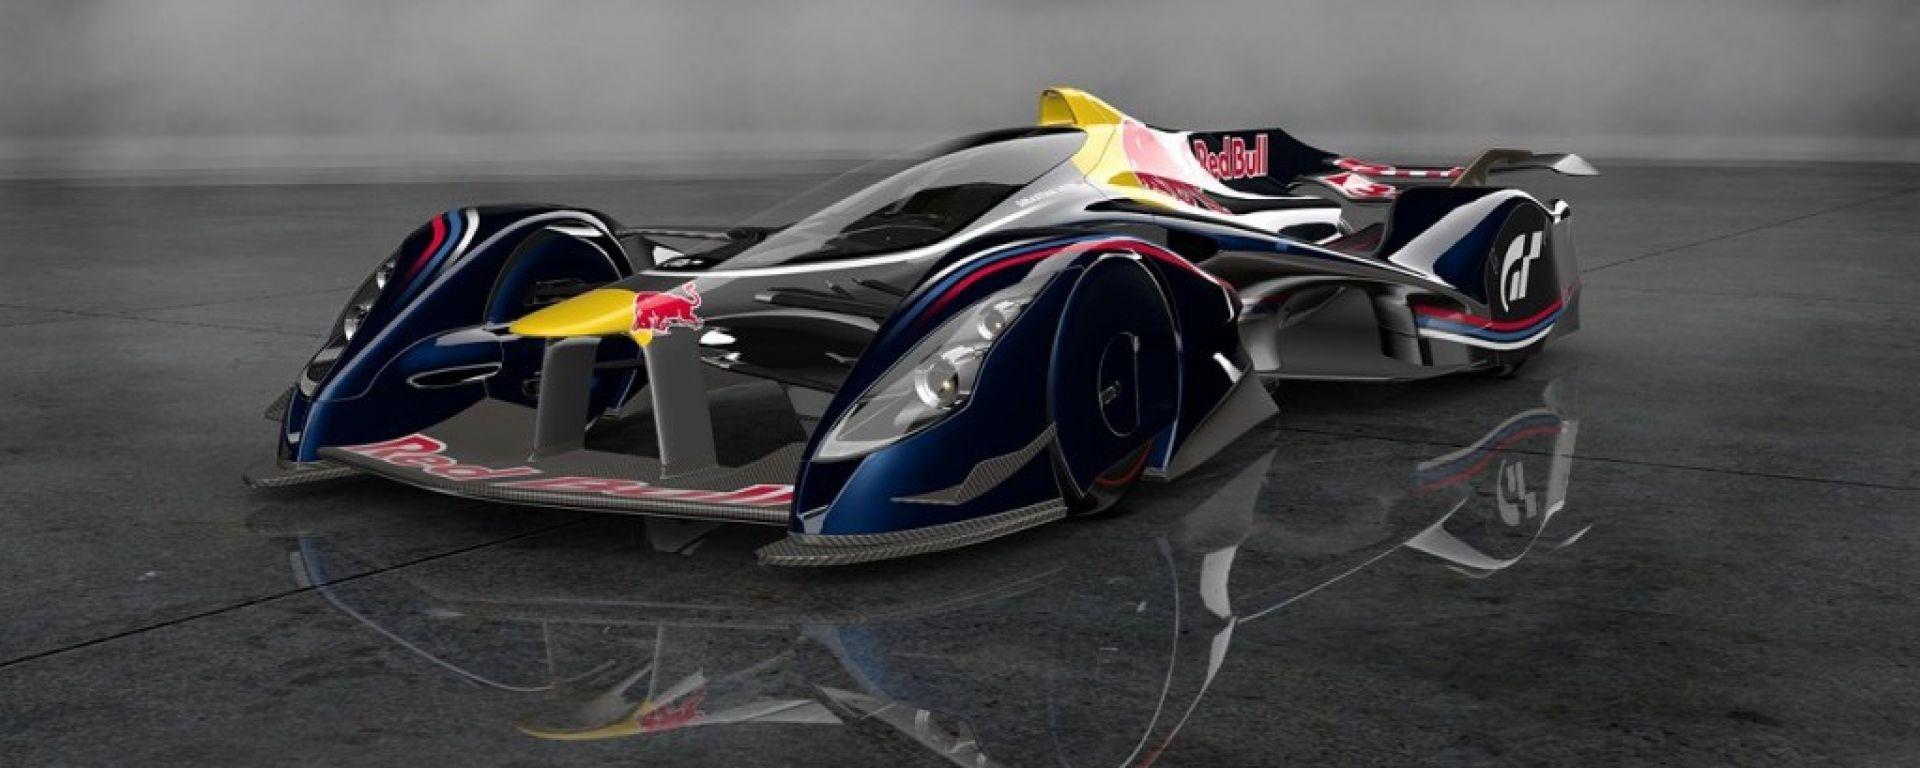 Red Bull Racing X2014 Gran Turismo